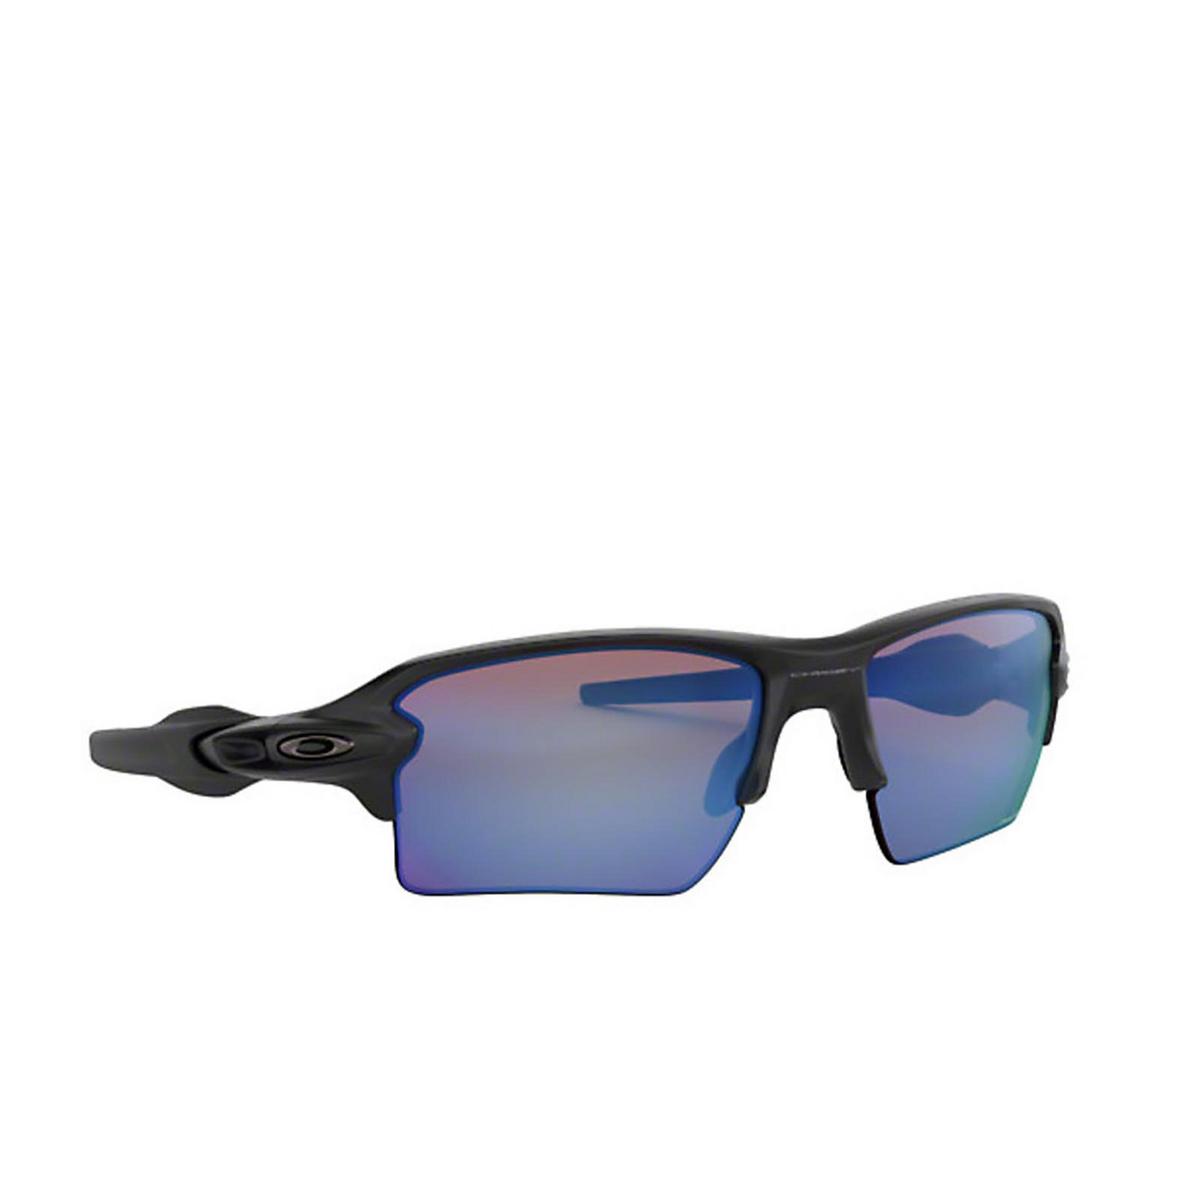 Oakley® Rectangle Sunglasses: Flak 2.0 Xl OO9188 color Matte Black 918858 - three-quarters view.